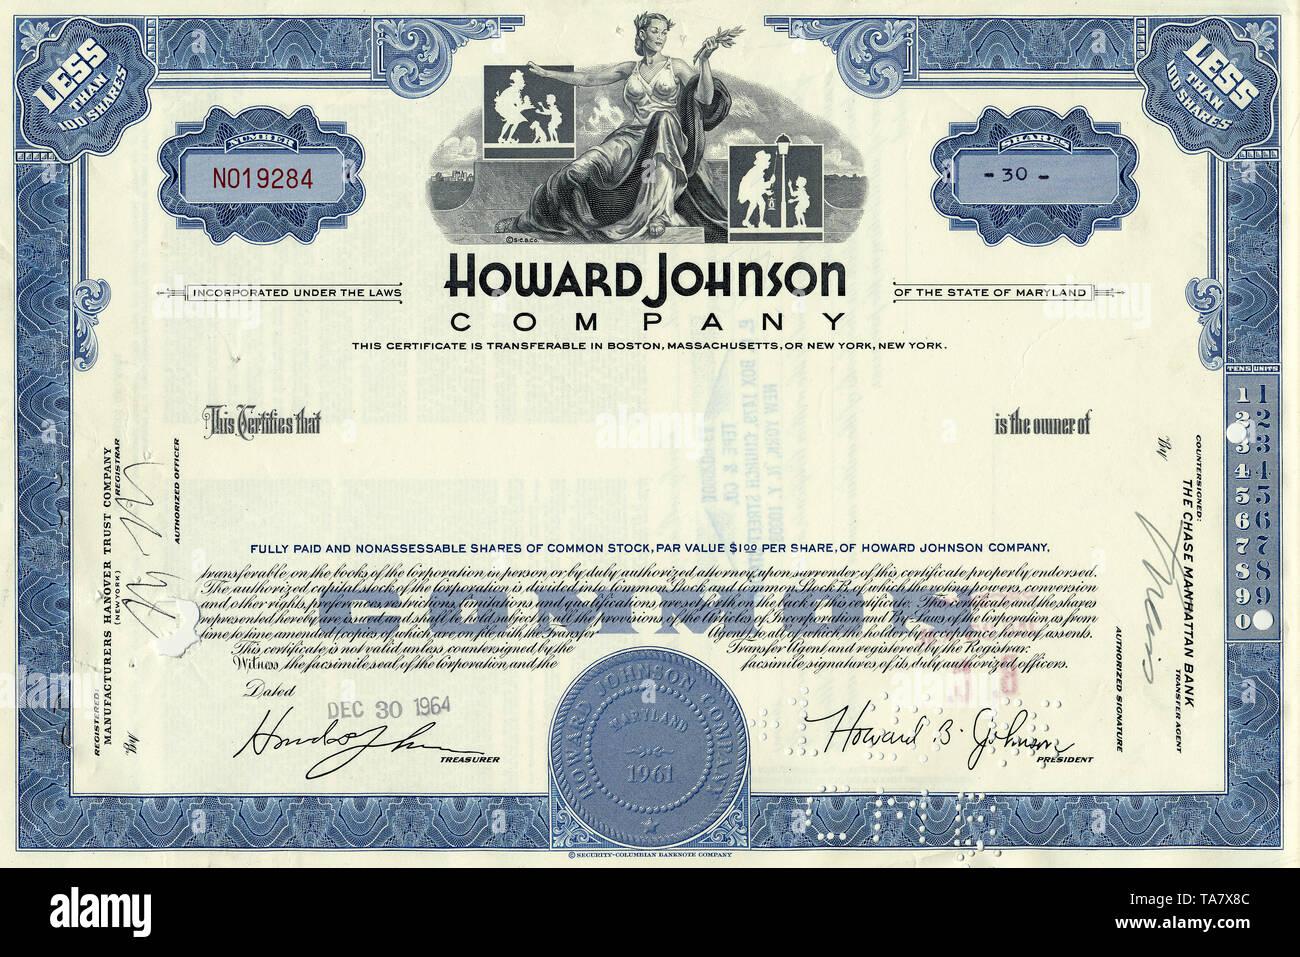 Historische Aktie, Restaurant- und Hotelkette, Howard Johnson Company, 1964, Maryland, USA, Historical stock certificate, restaurant and hotel chain, Howard Johnson Company, 1964, Maryland, USA - Stock Image